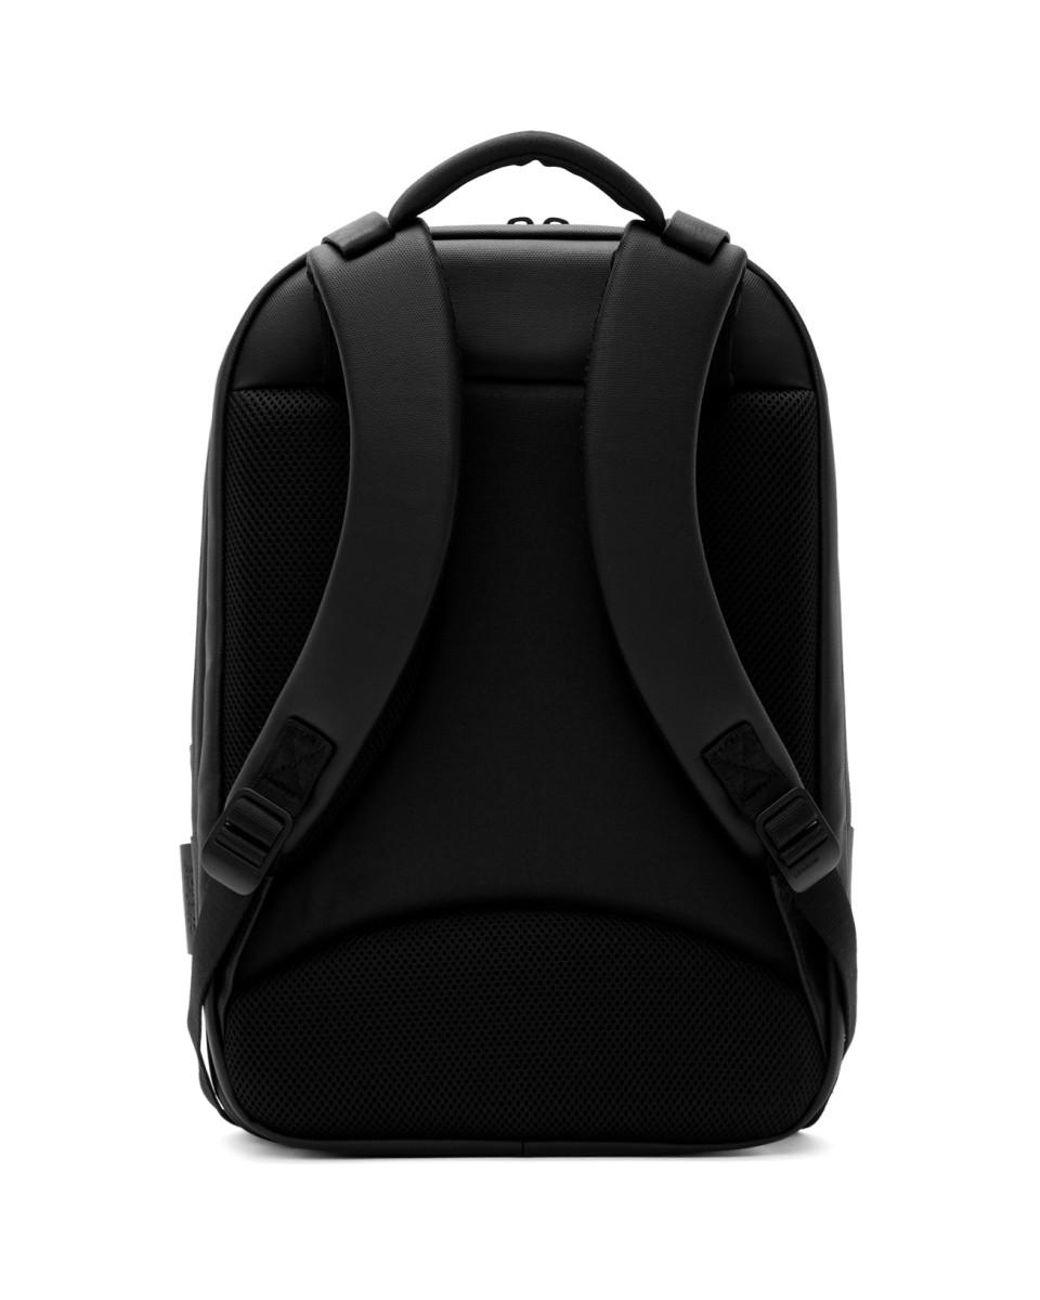 053e8a949 Côte&Ciel Black Coated Canvas Sormonne Backpack in Black for Men - Lyst